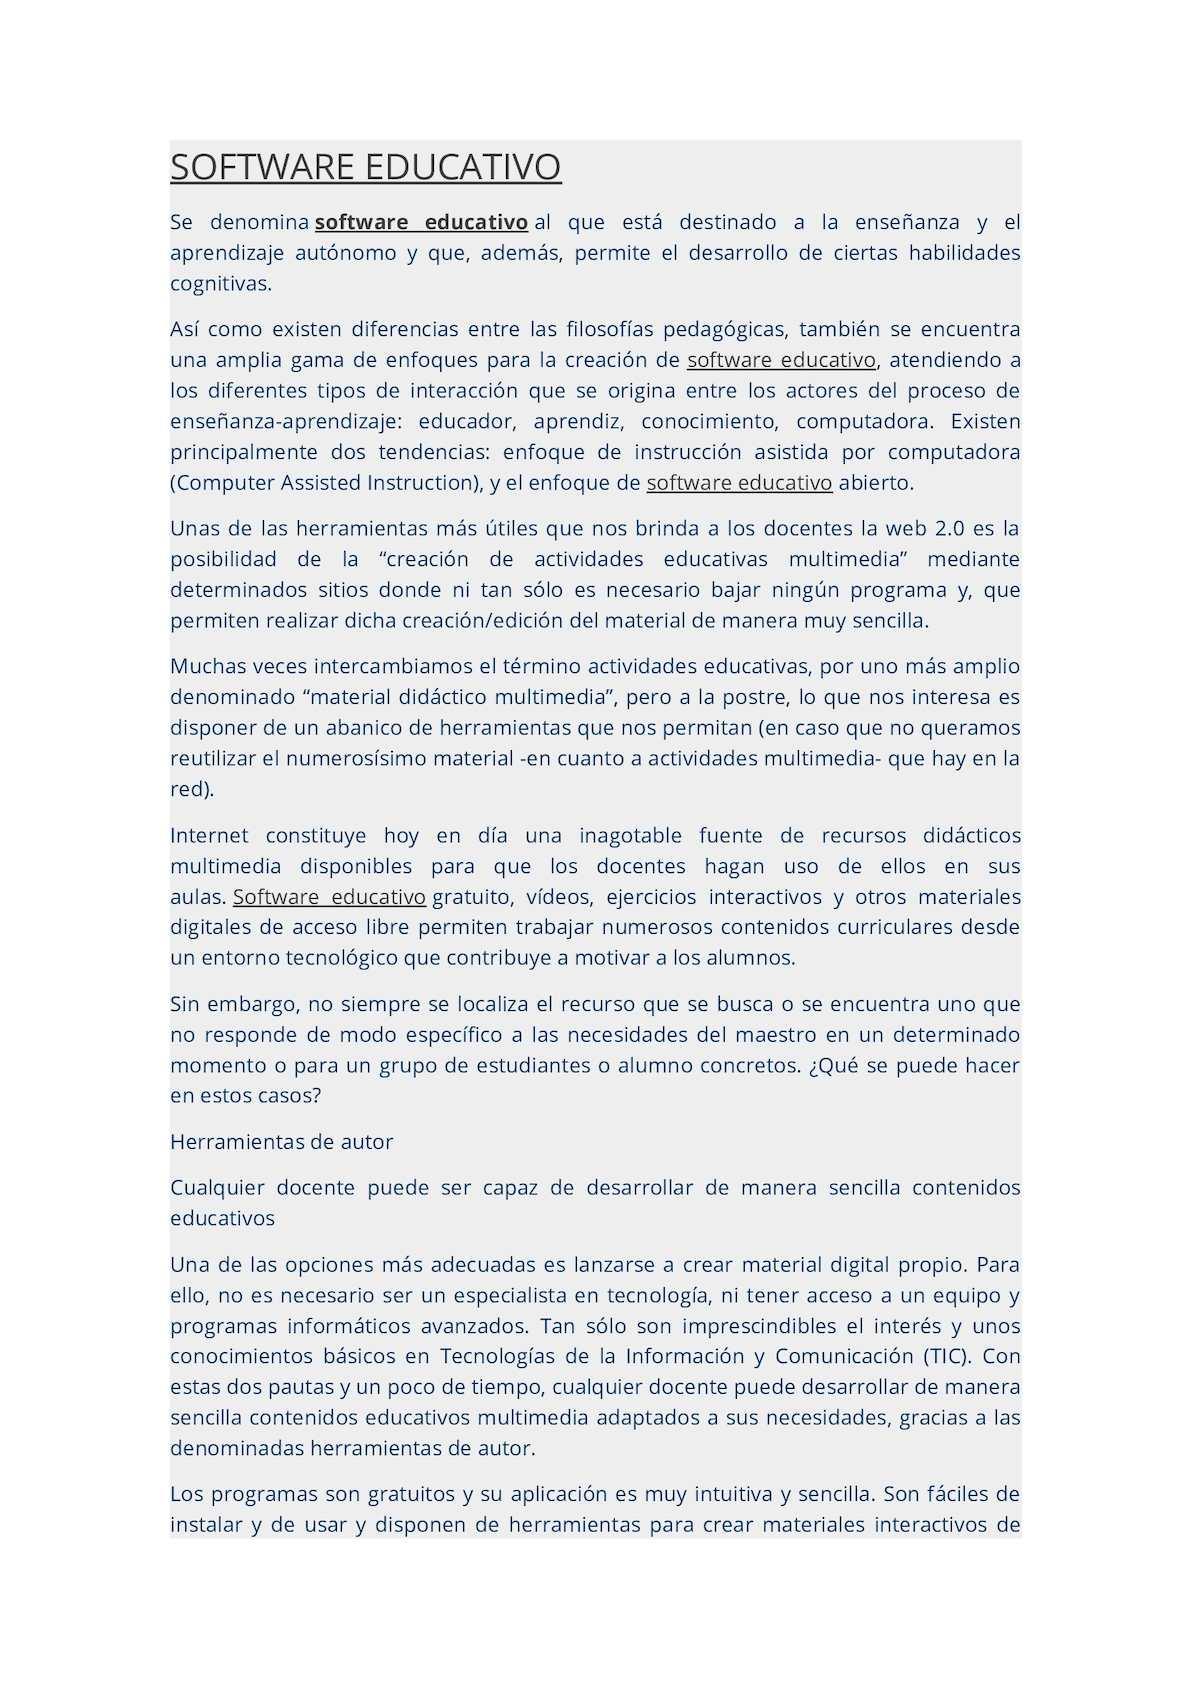 Calaméo - Software Educativo Herramientas Autor